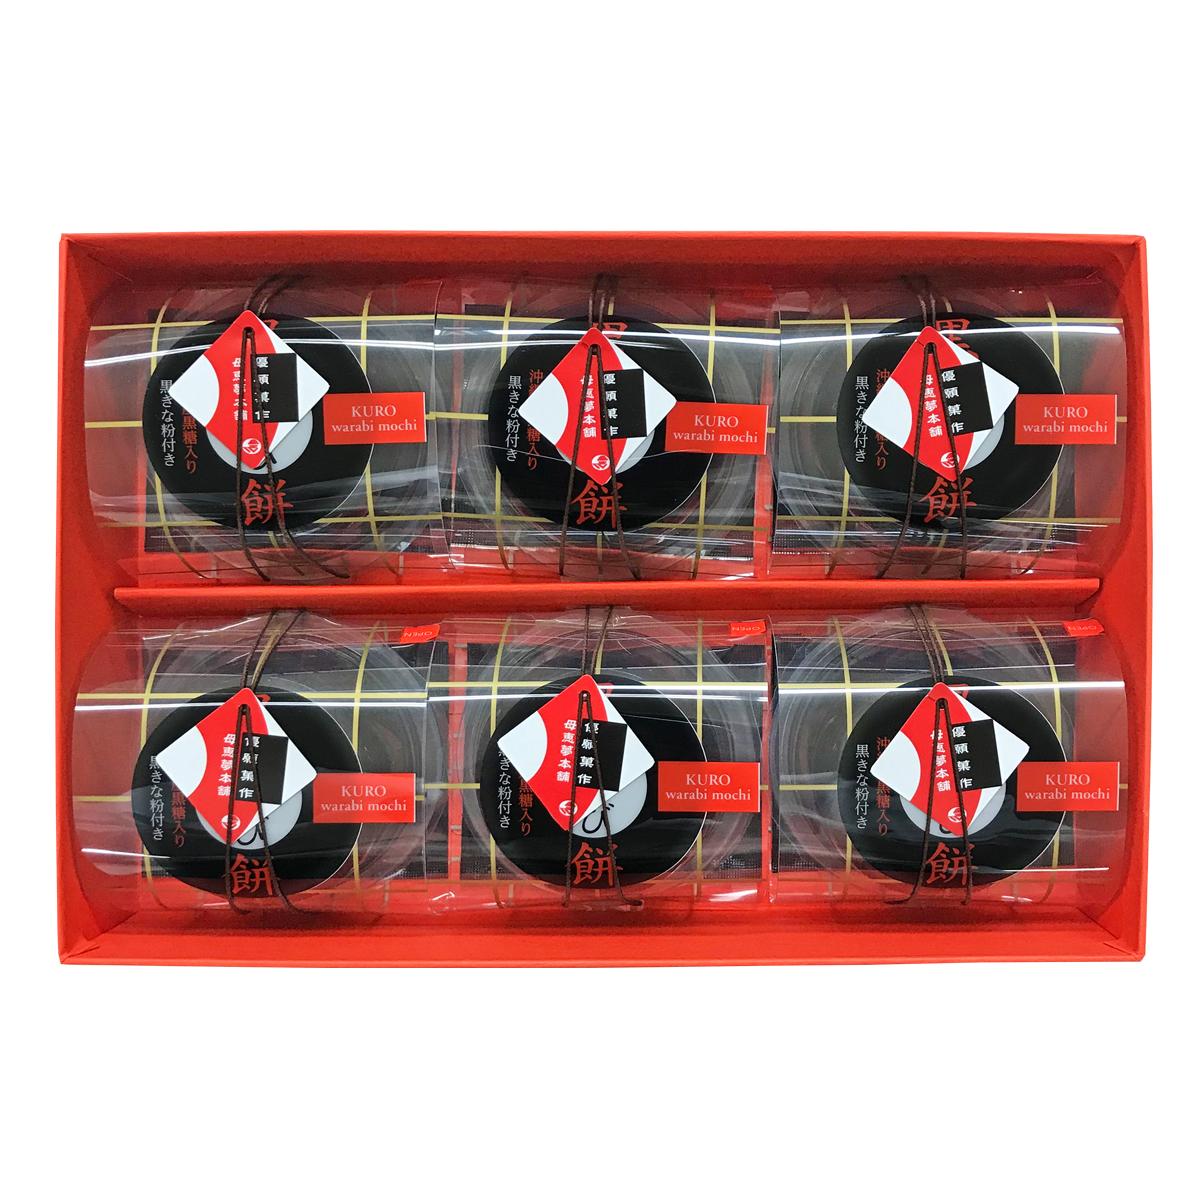 黒わらび餅 6個入箱